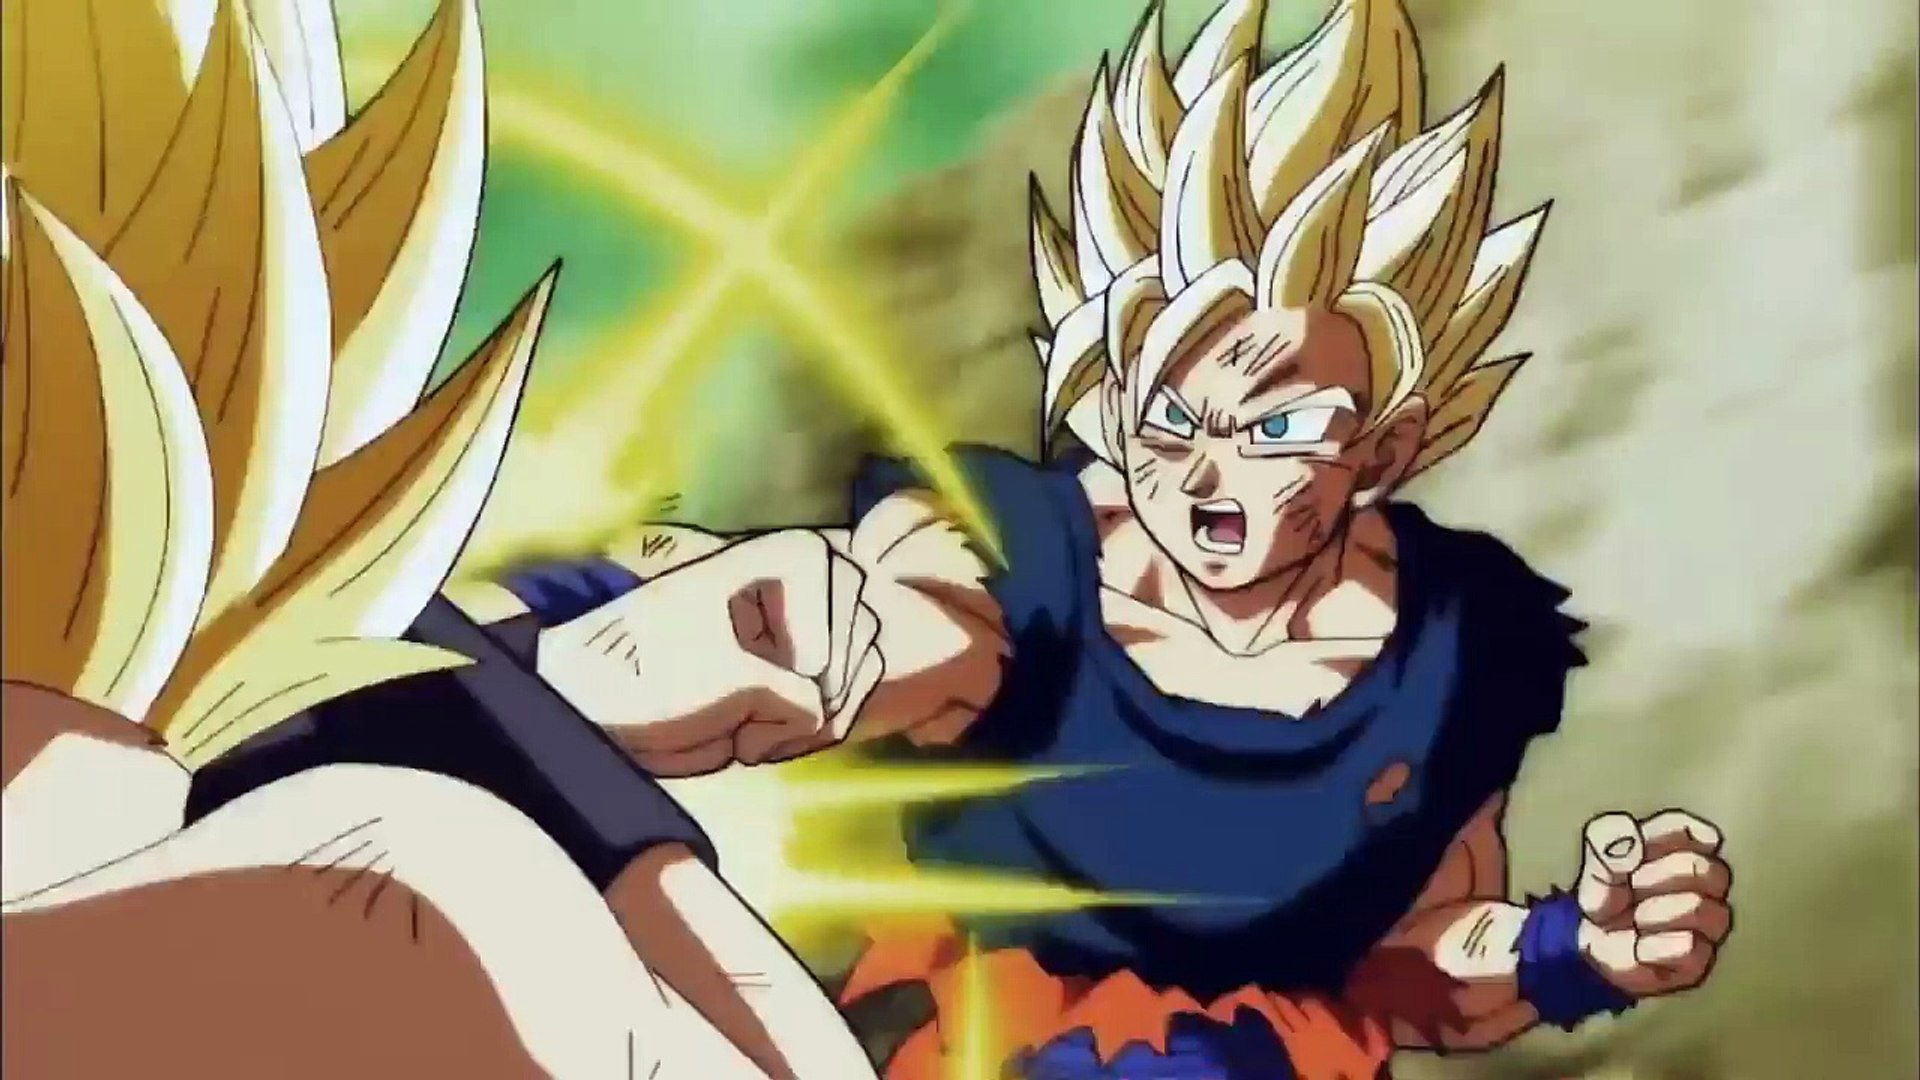 Goku Super Saiyan 2 Vs Caulifla Super Saiyan 2 Dragon Ball Super